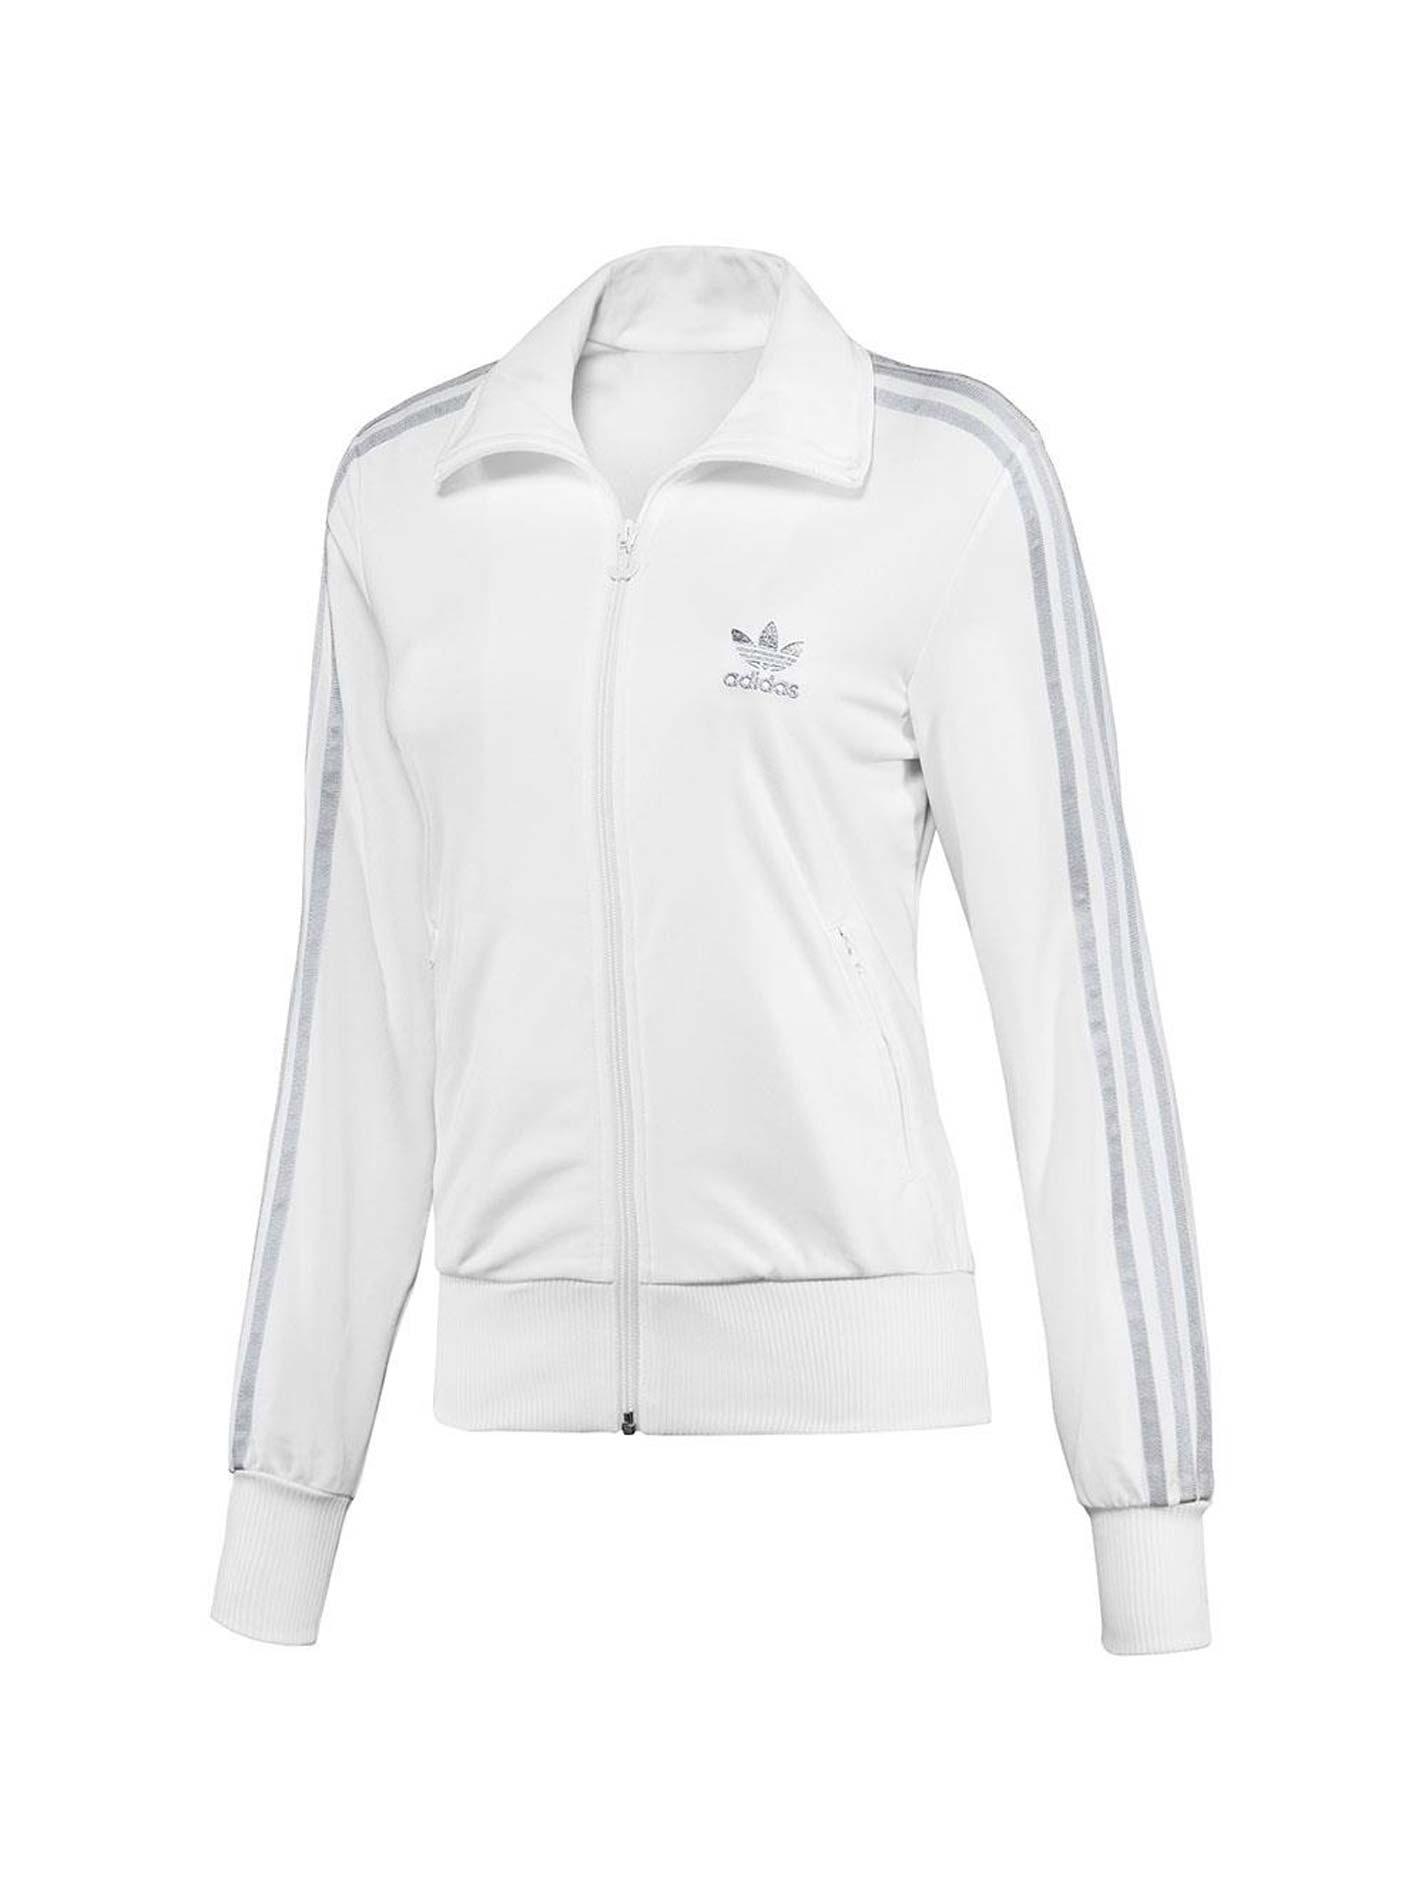 Blanca Azul Adidas Sudadera Adidas Sudadera Blanca Y Azul Y q8tdwAOOv 17d7955820a